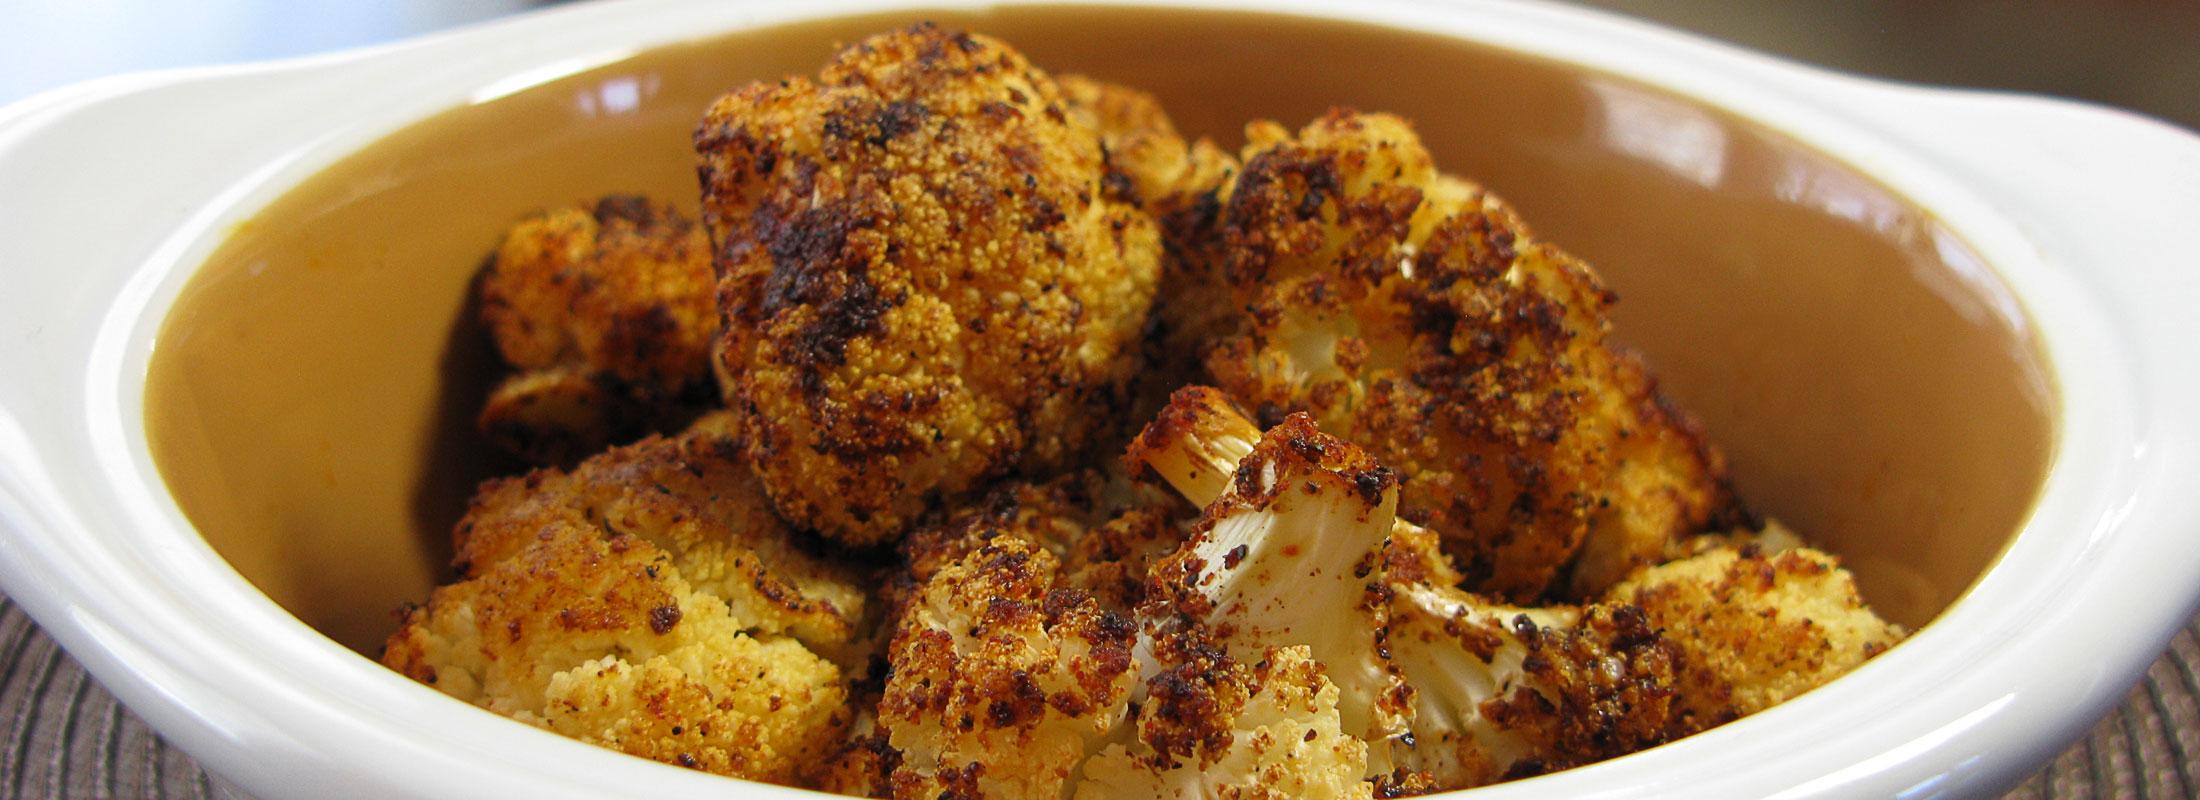 Smoky & Spicy Roasted Cauliflower